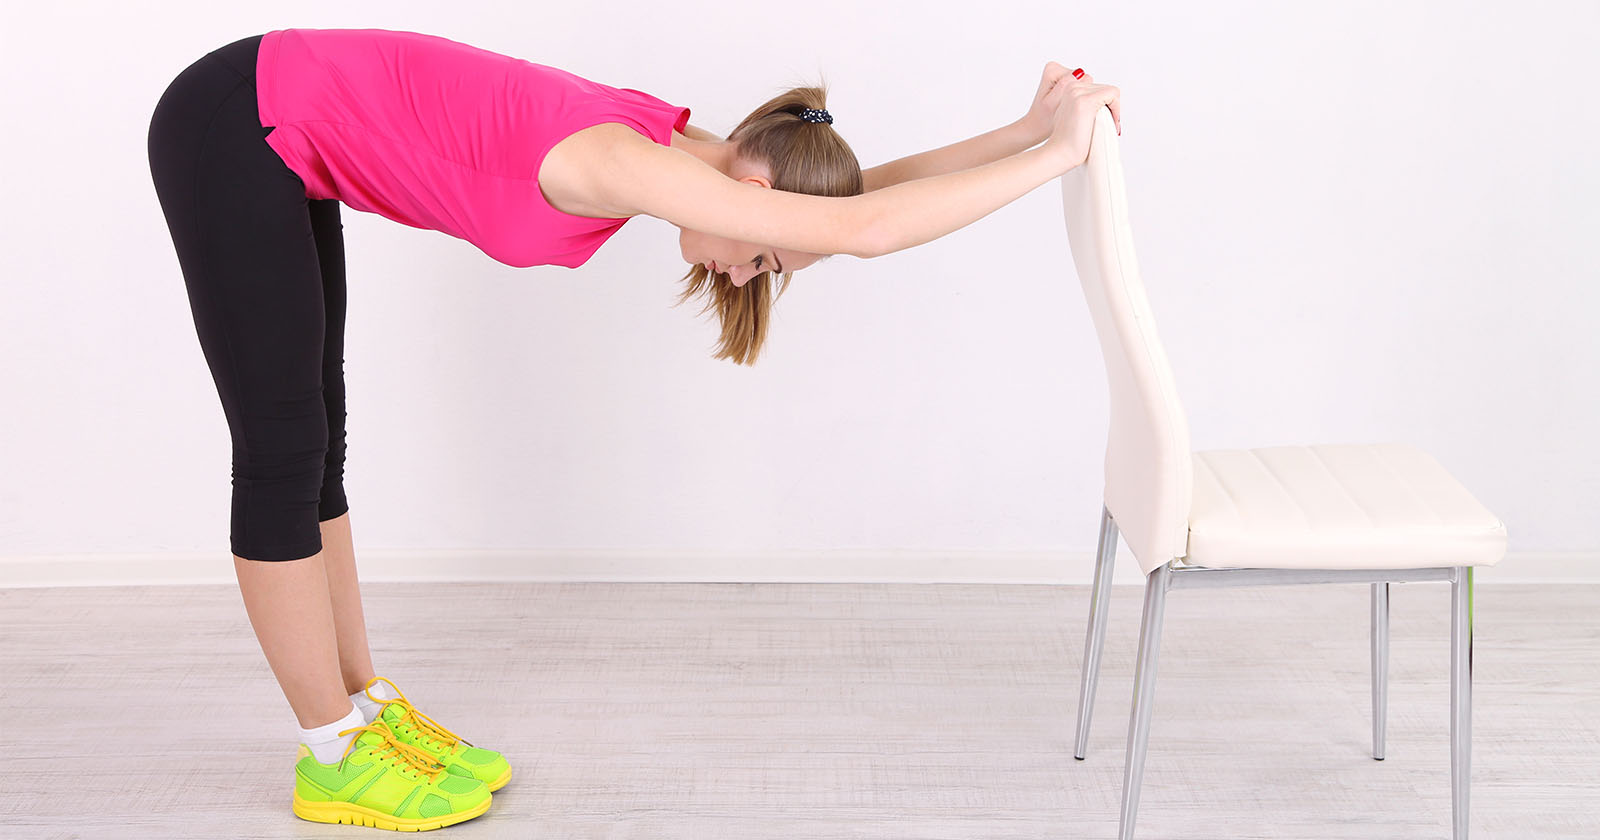 Junge Frau entspannt ihre Rückenmuskeln mit einer Dehnübung.